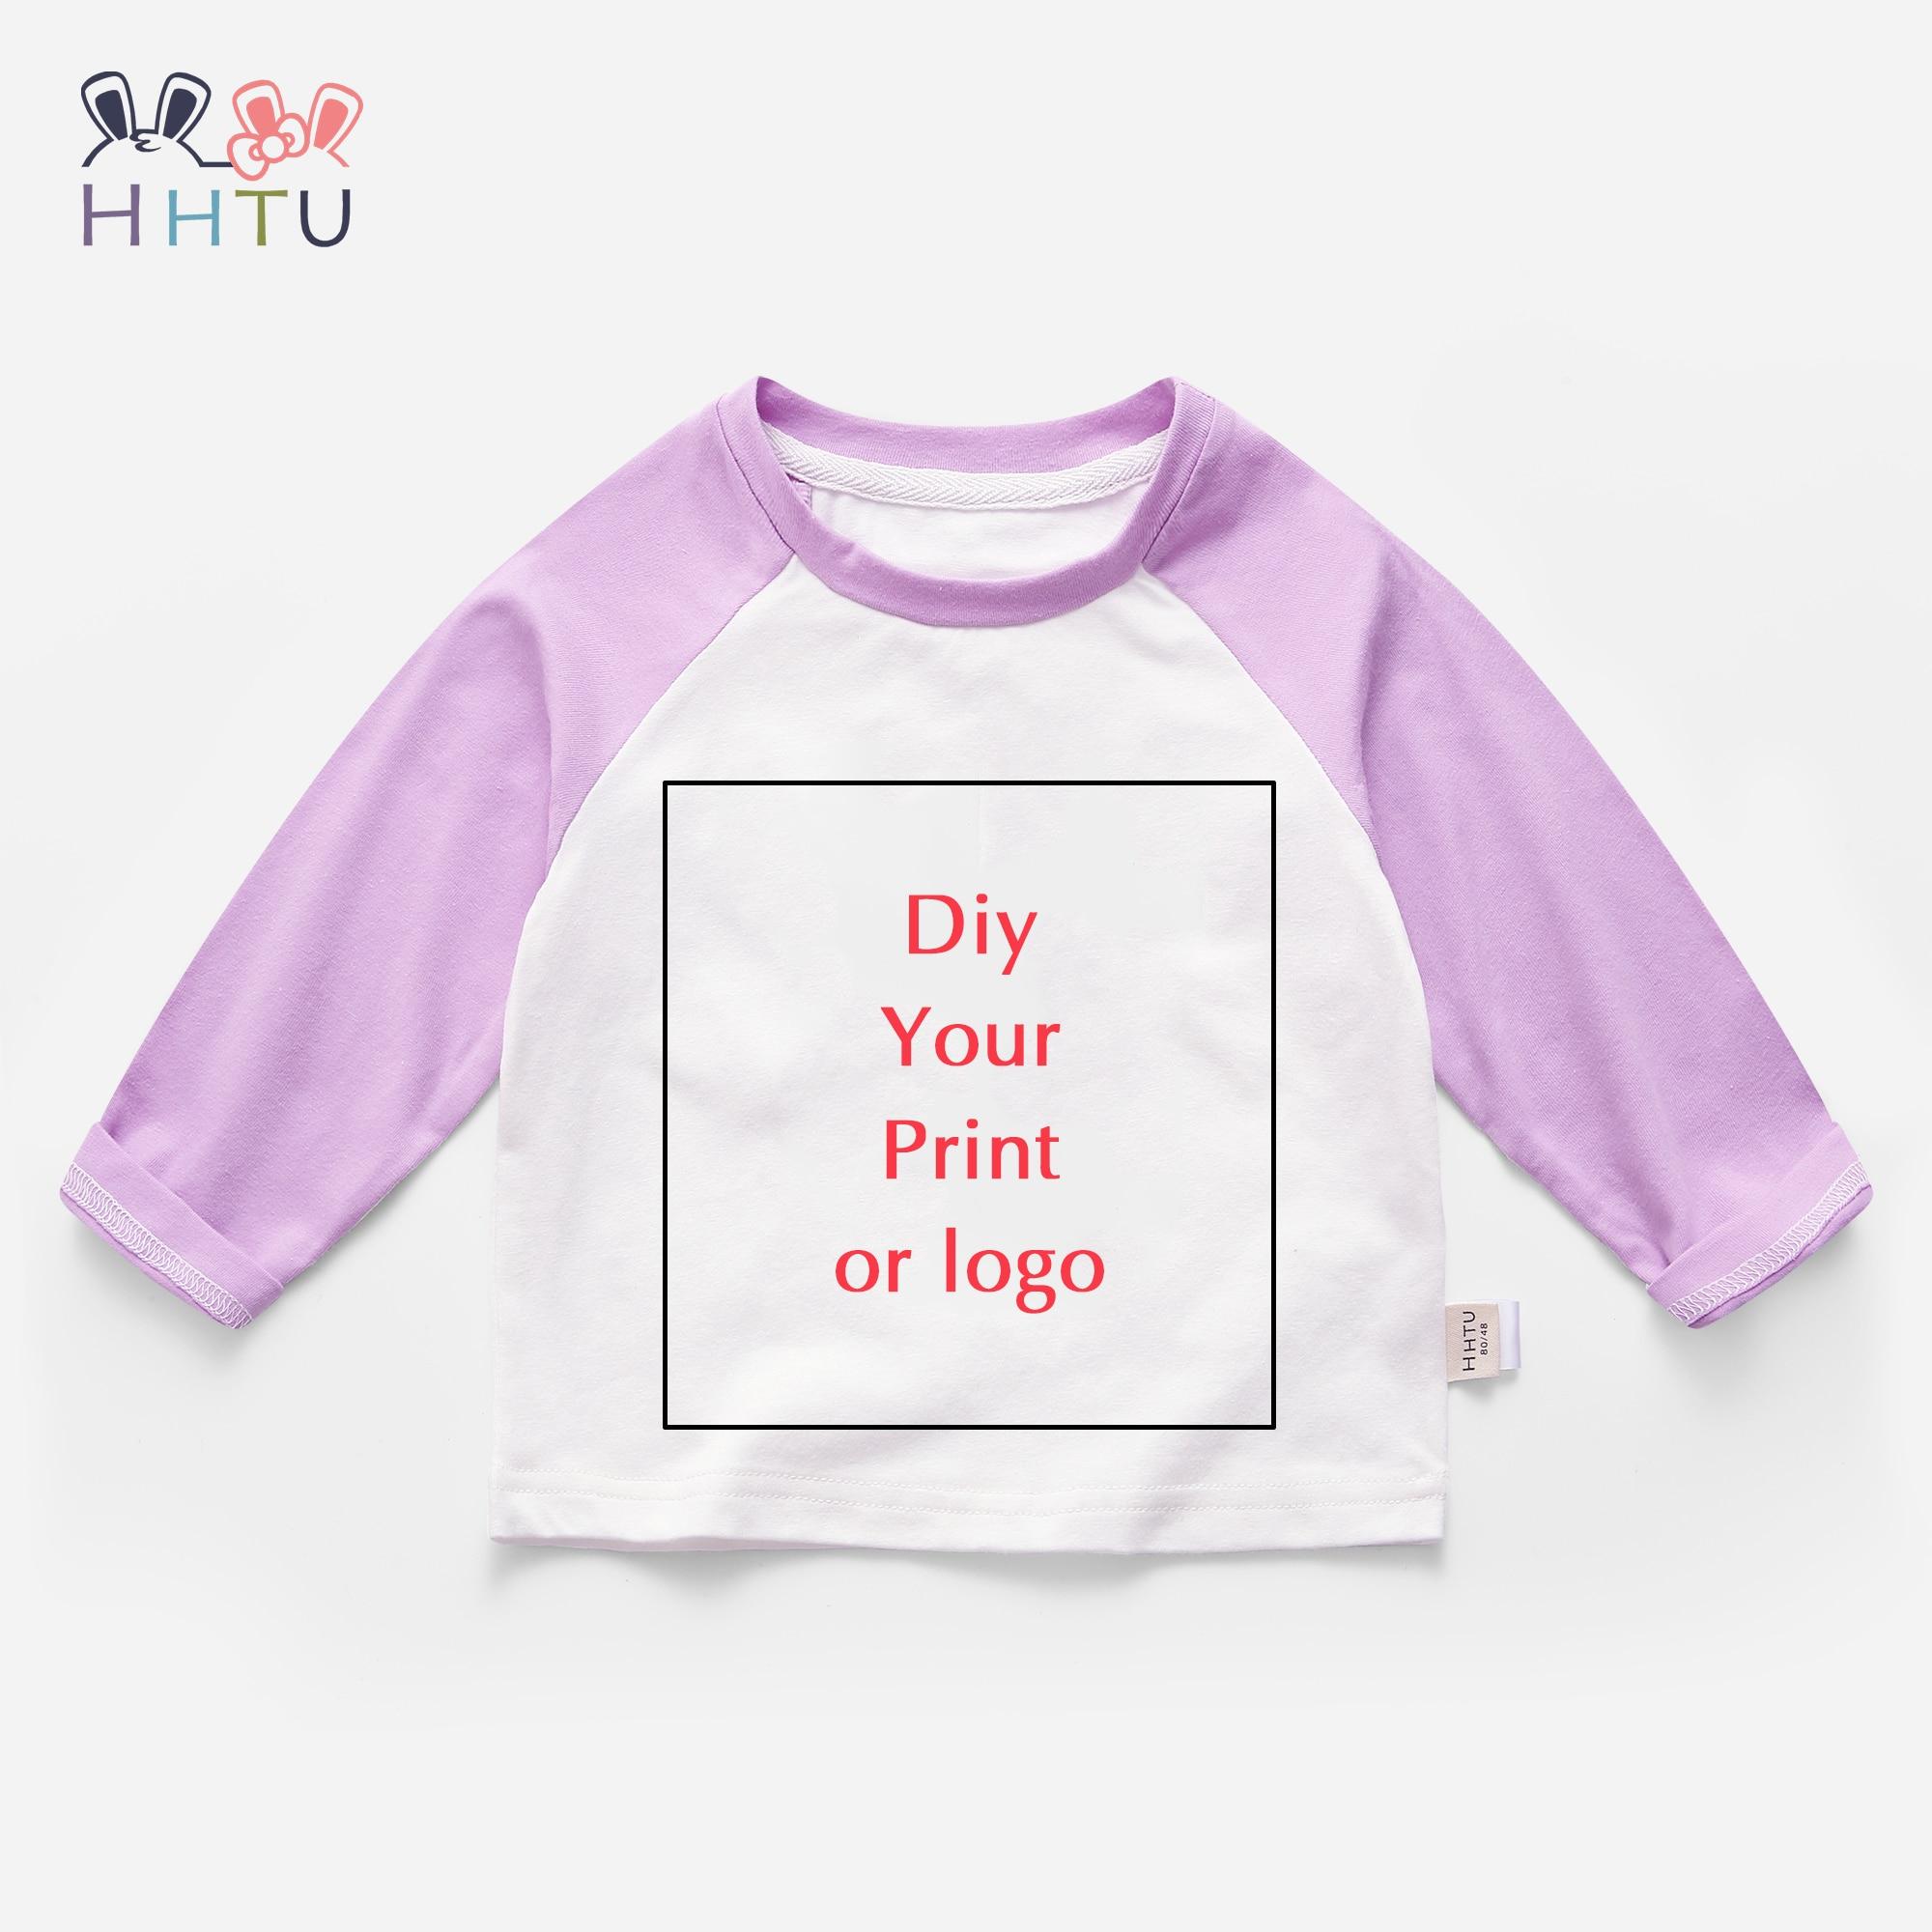 20Pcs Personalizado Logotipo Da Marca de Design de Impressão T-Shirt Para O Menino Gril/Imagem DIY Cotton Kid Crianças Tops Casuais roupas